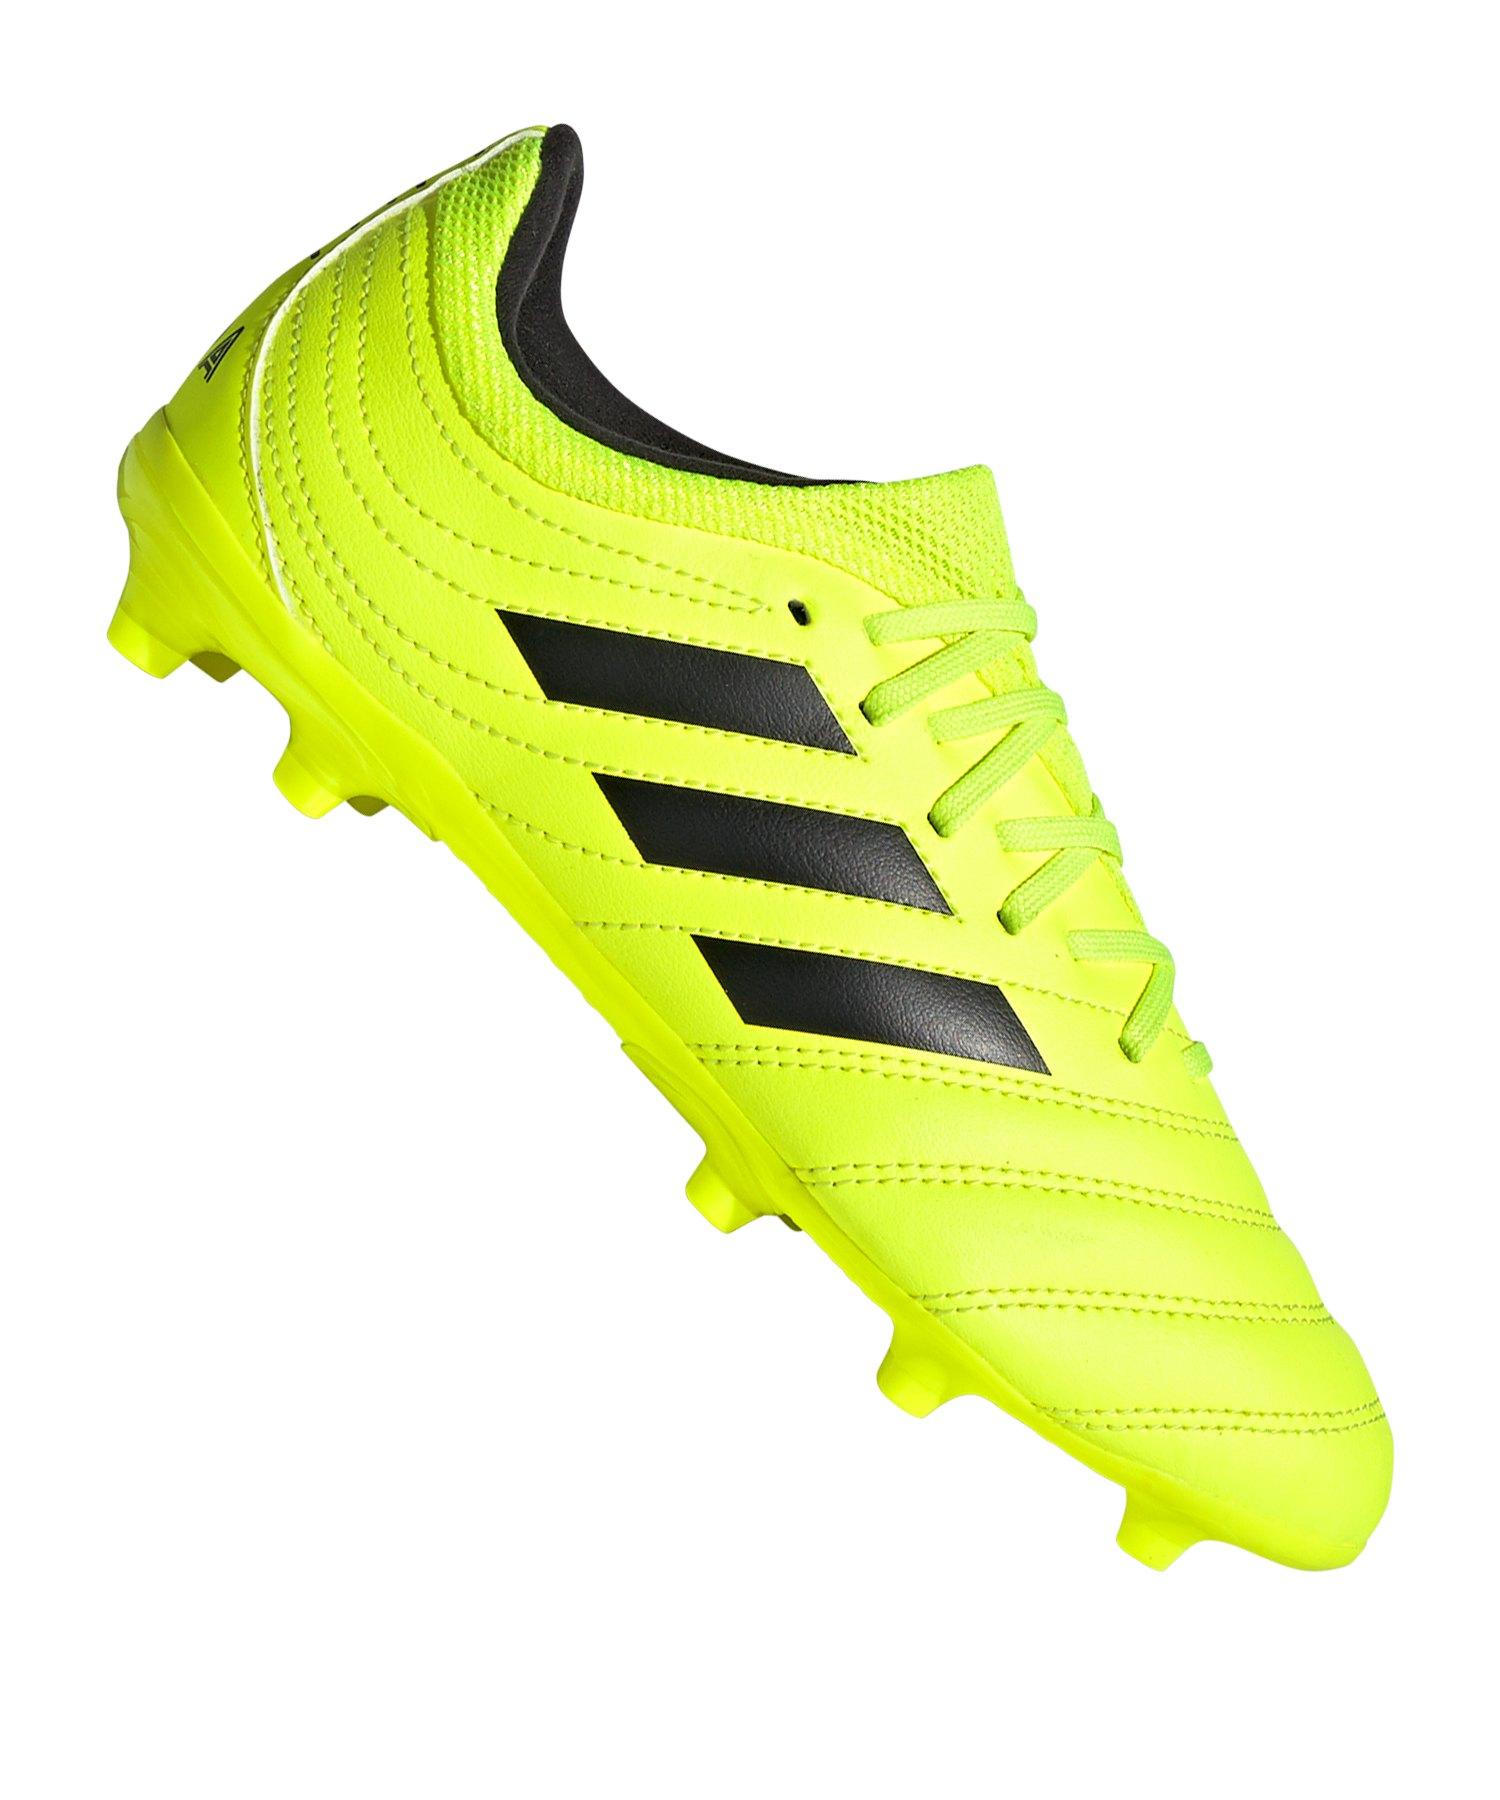 3 Copa 19 Fg Kids Adidas J Gelb H2IWD9EY